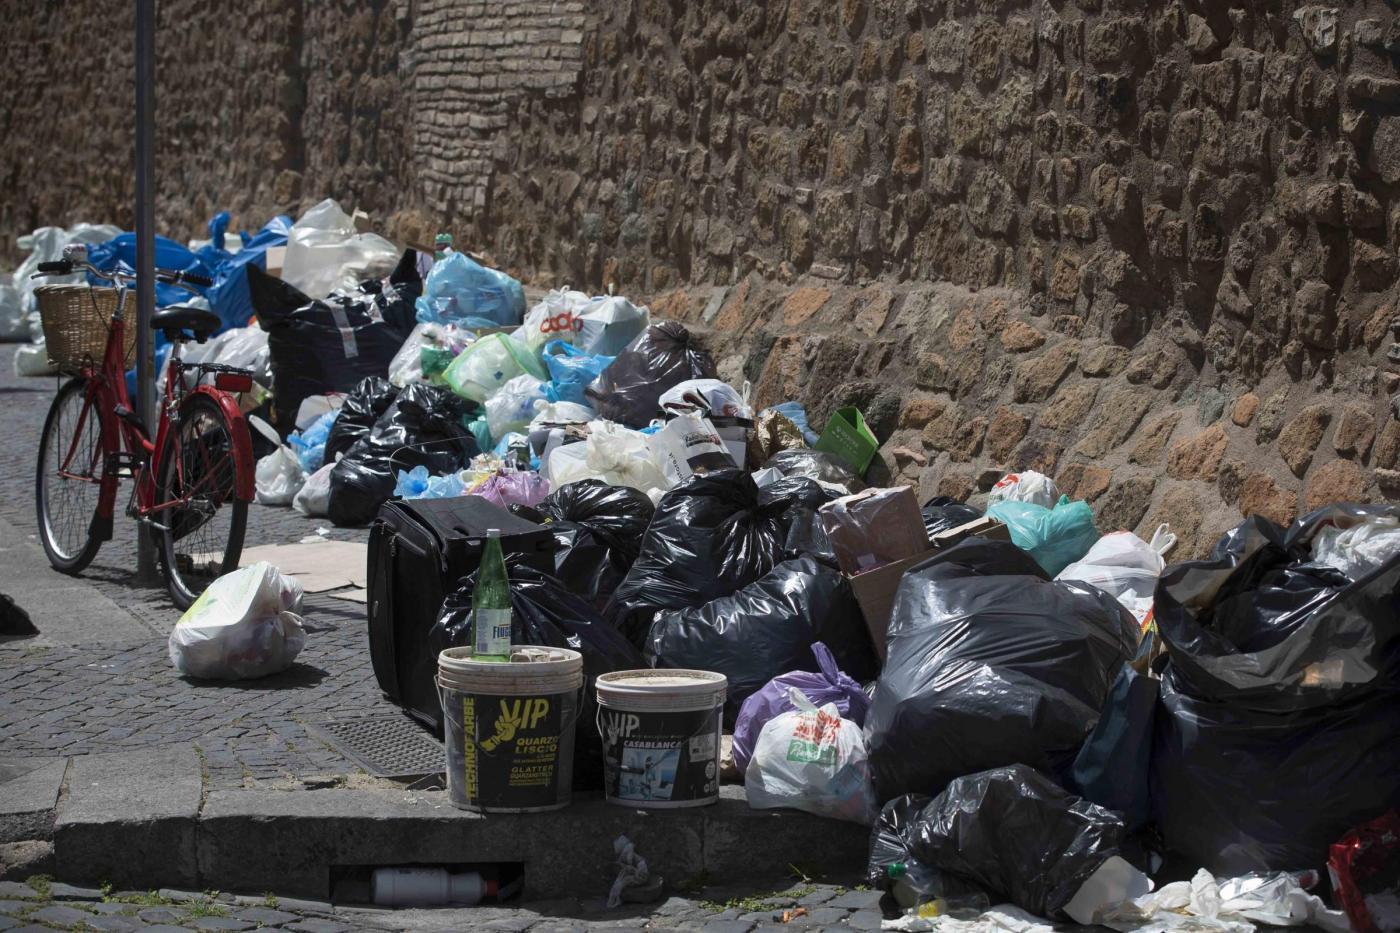 Rifiuti per le strade a causa dello sciopero nazionale del comparto di igiene ambientale